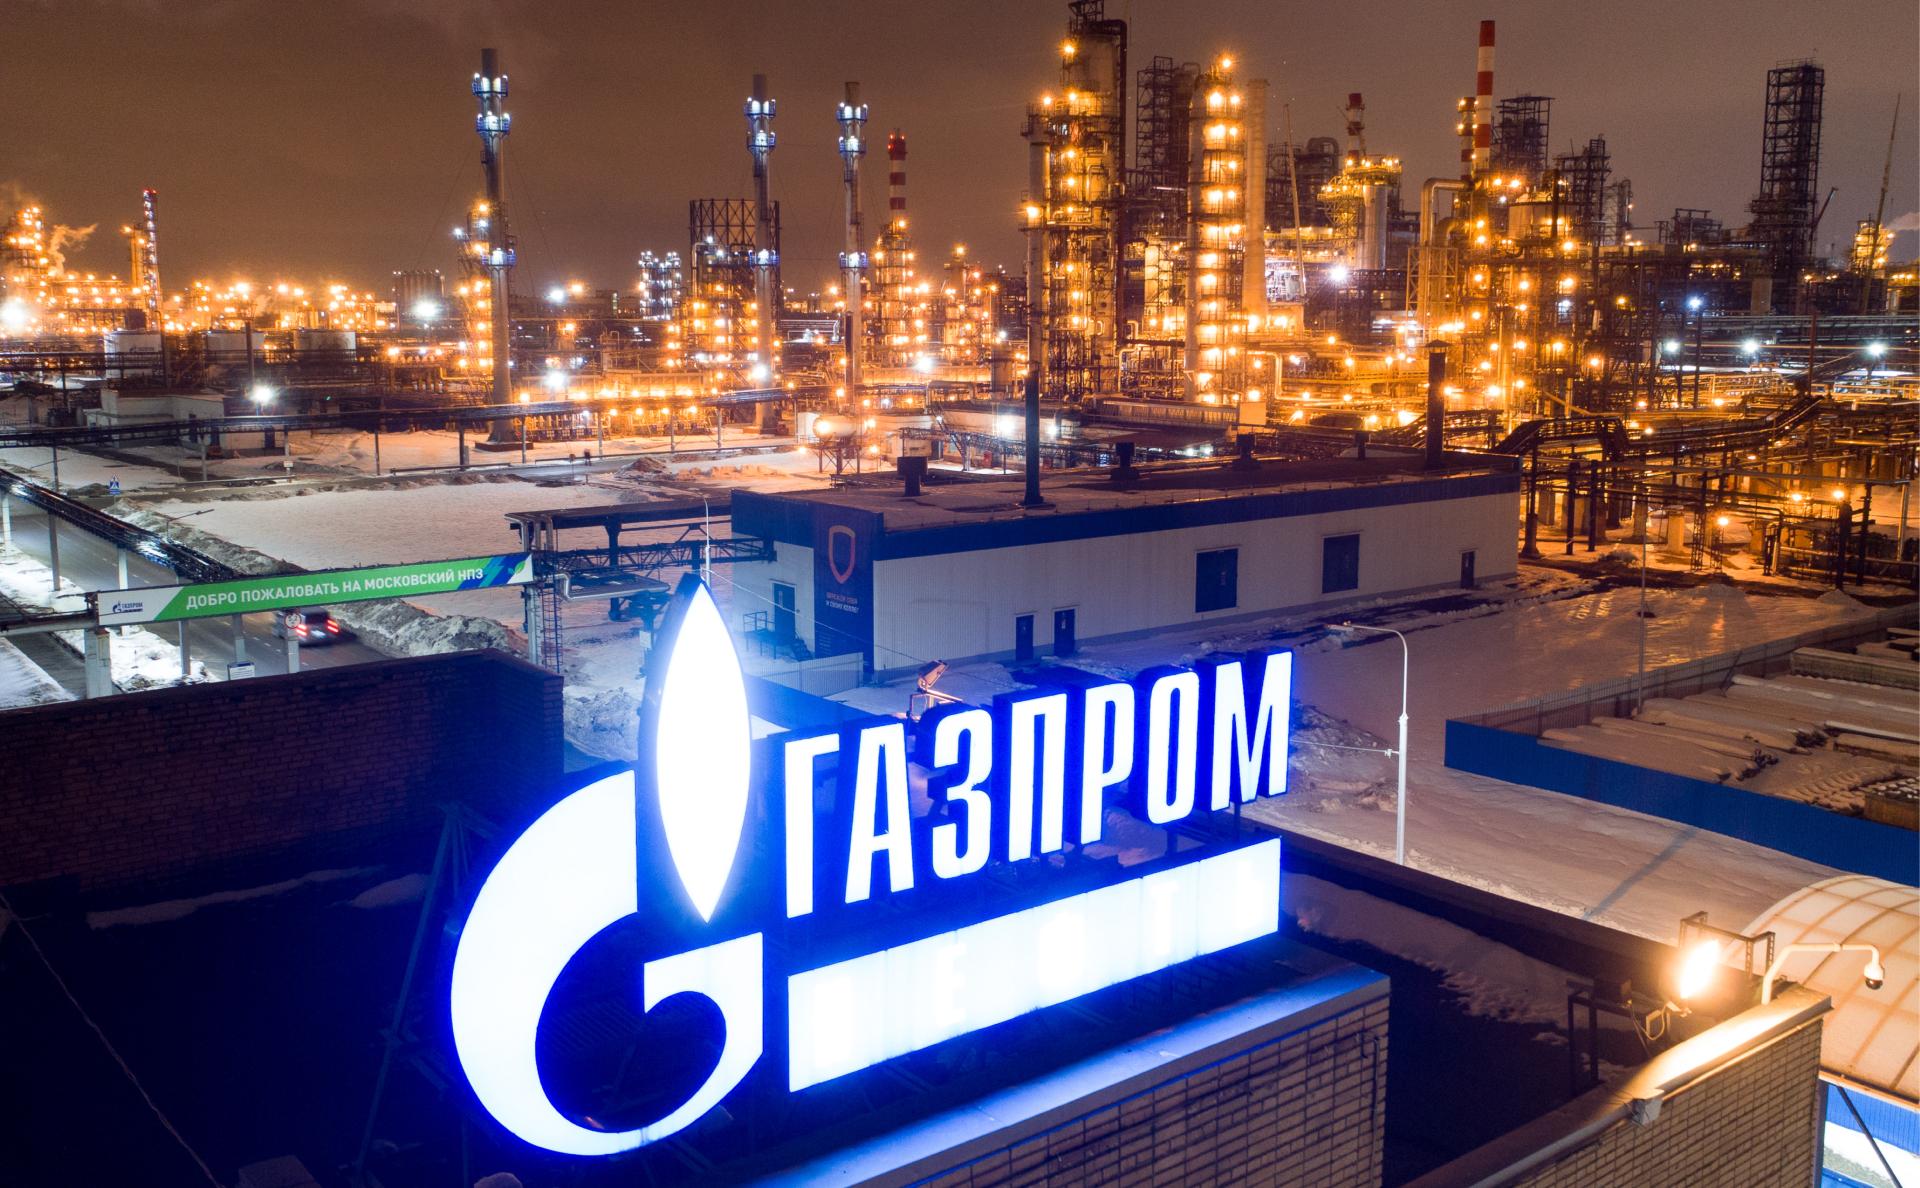 Акции «Газпрома» выросли после заявлений США и Германии по Nord Stream 2